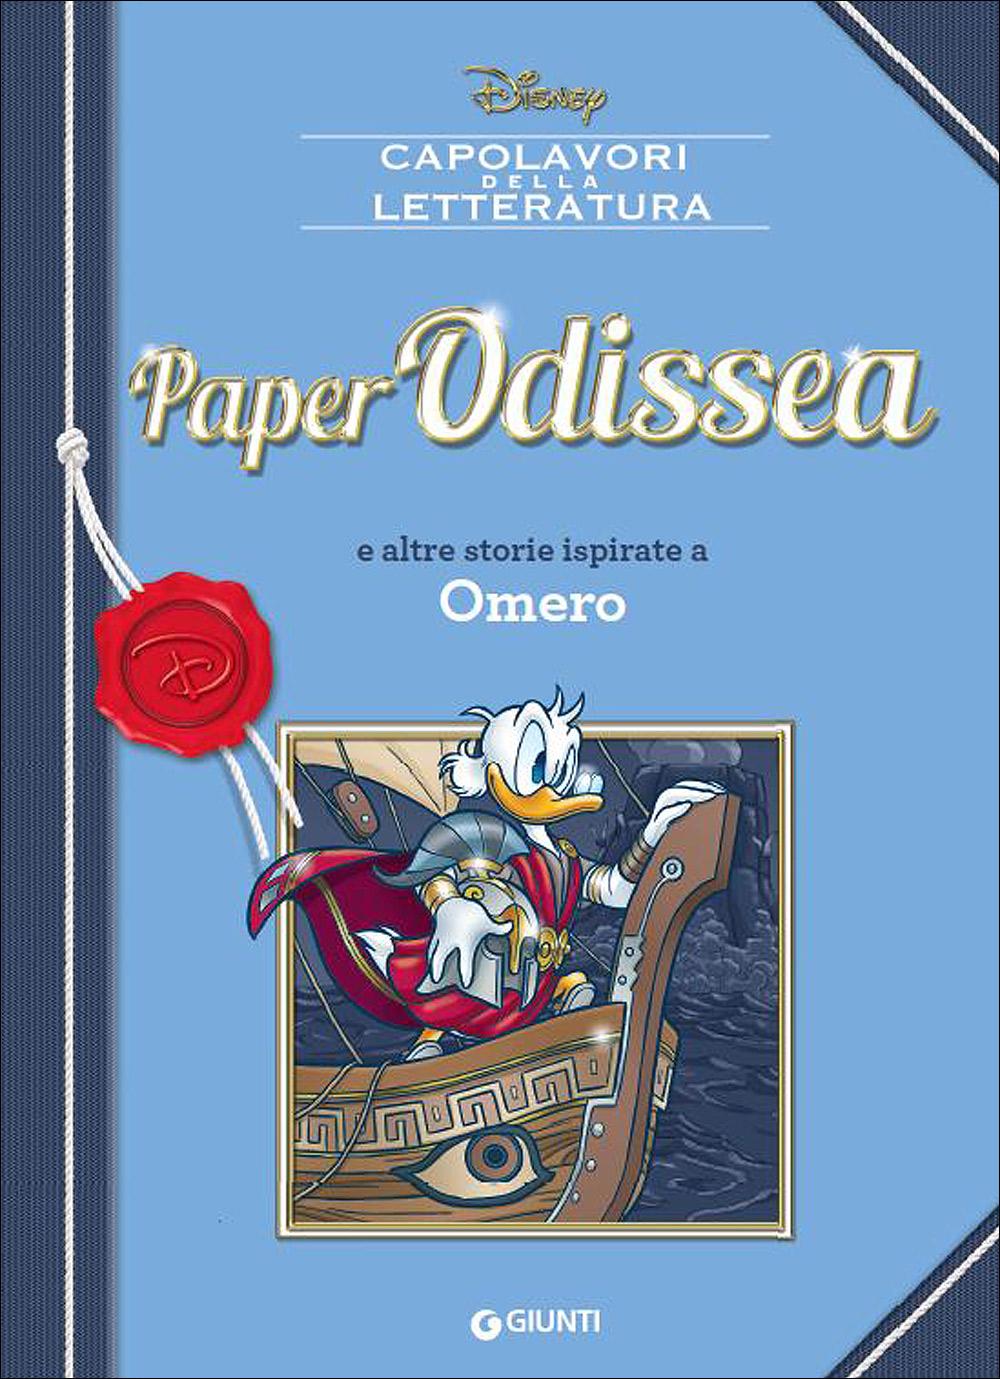 Cover Capolavori della Letteratura 4 - PaperOdissea